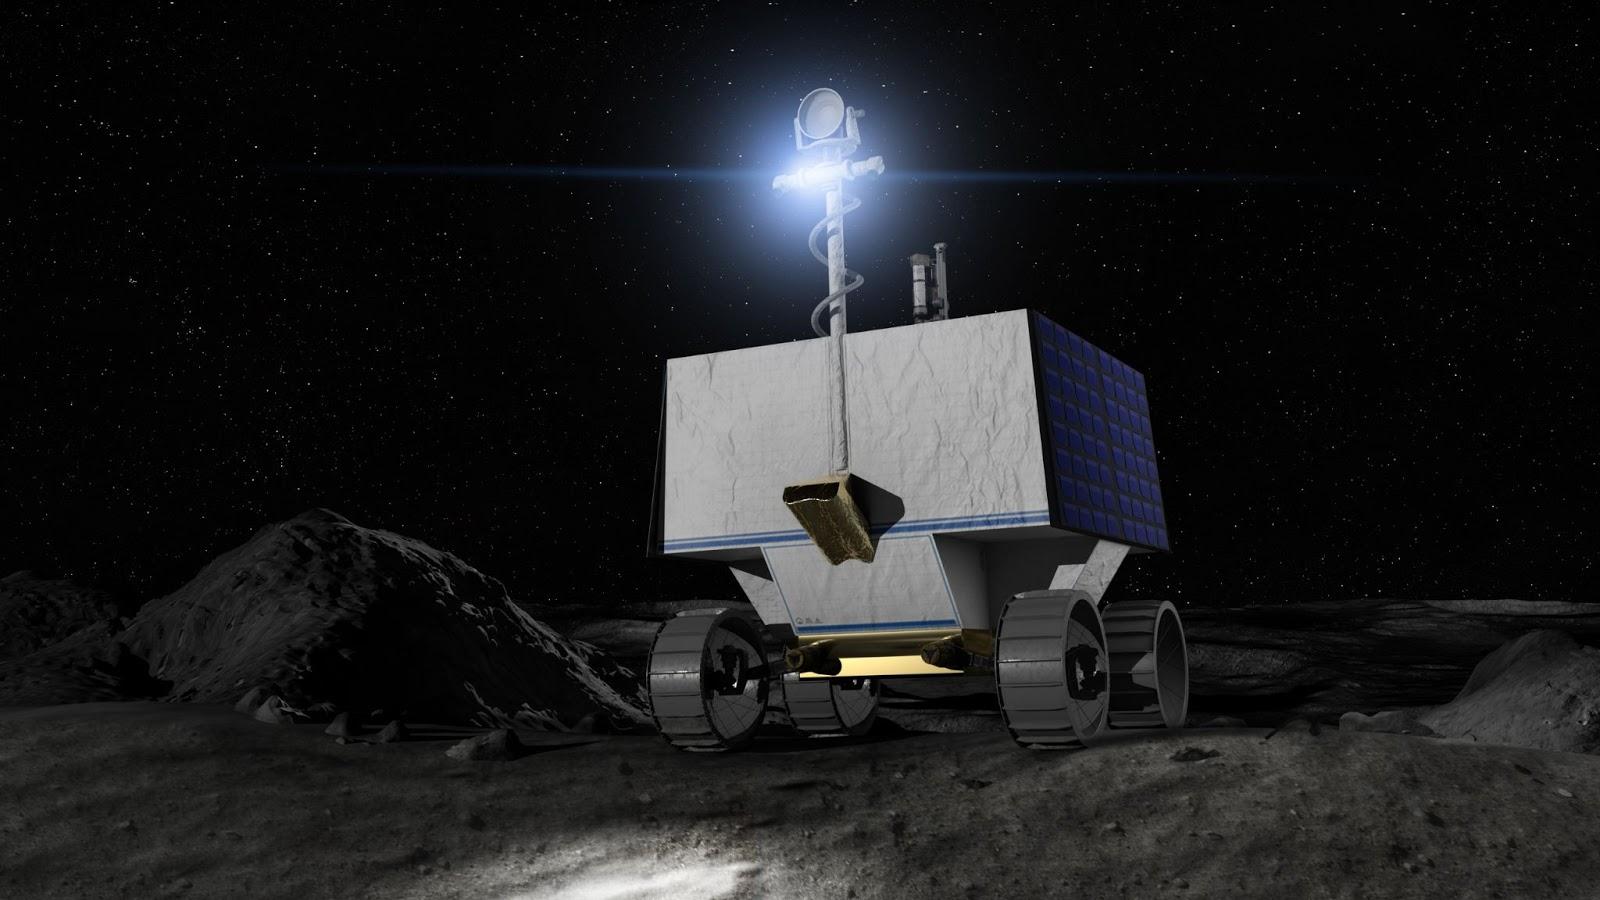 В поисках воды НАСА отправит ровер VIPER на Луну для исследования водяного льда в 2023 году